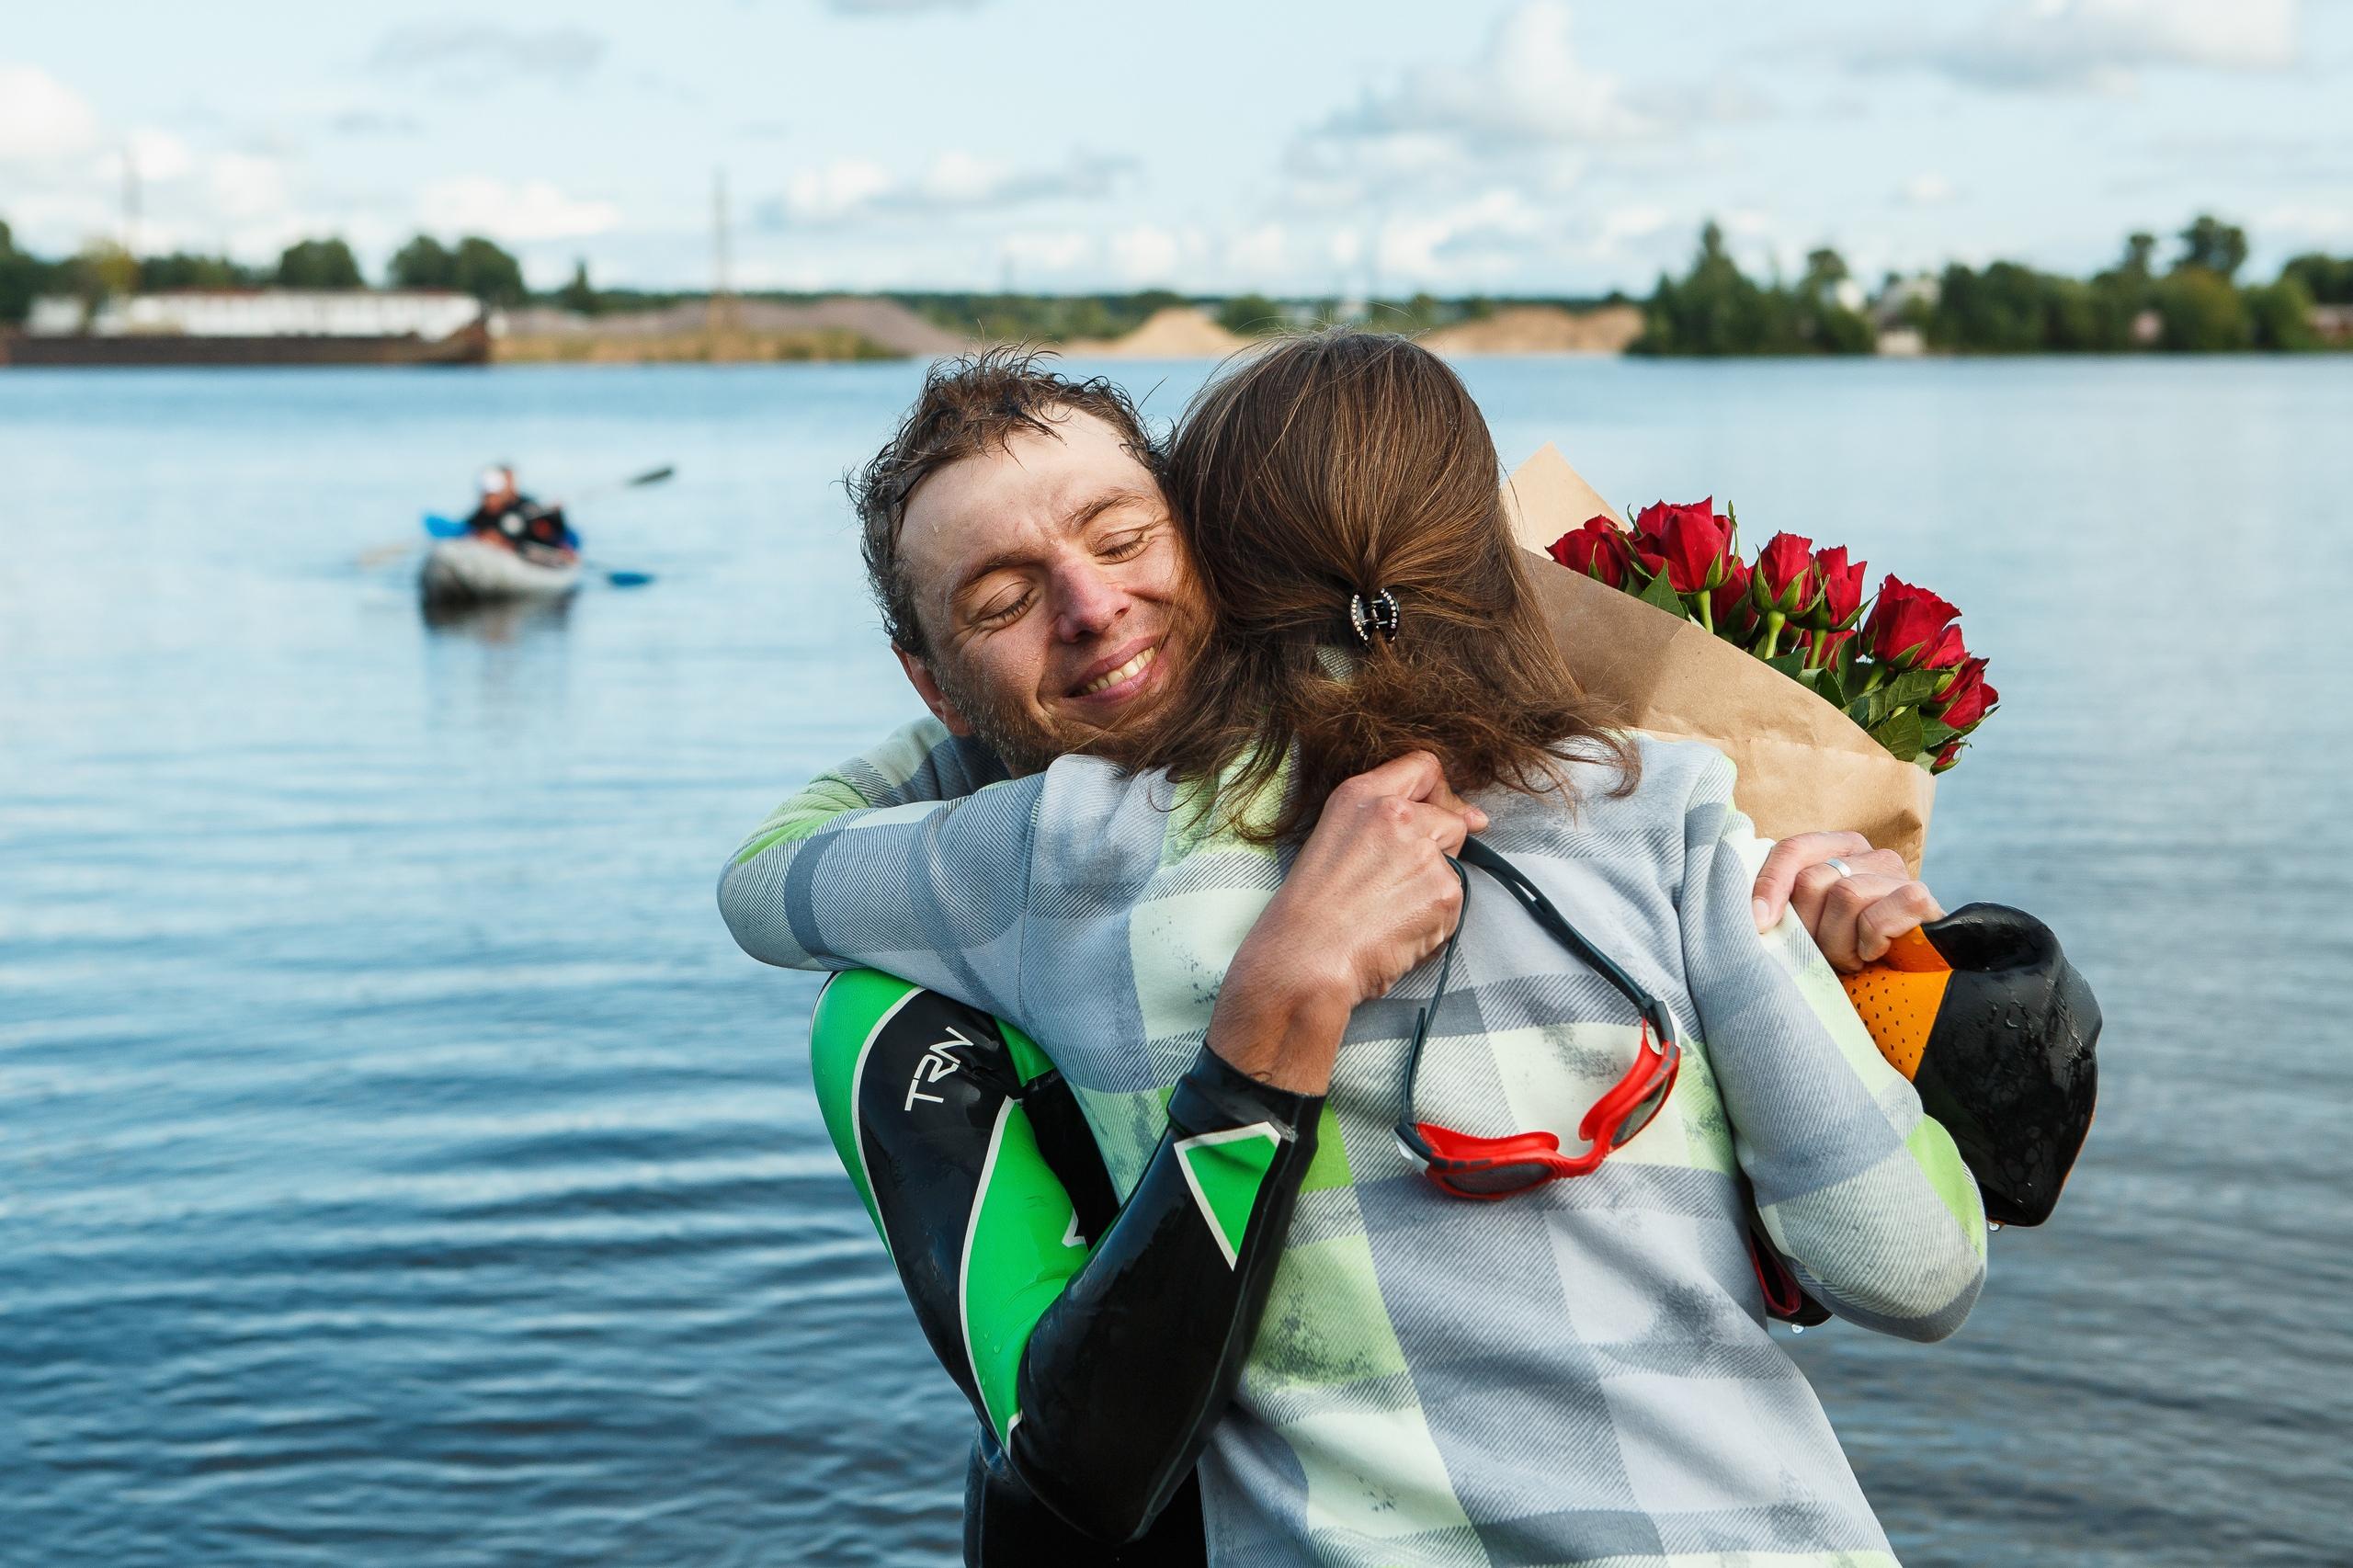 Спортсмен Иван Серебряков из города Кимры совершил «Заплыв Добра» ради помощи детям